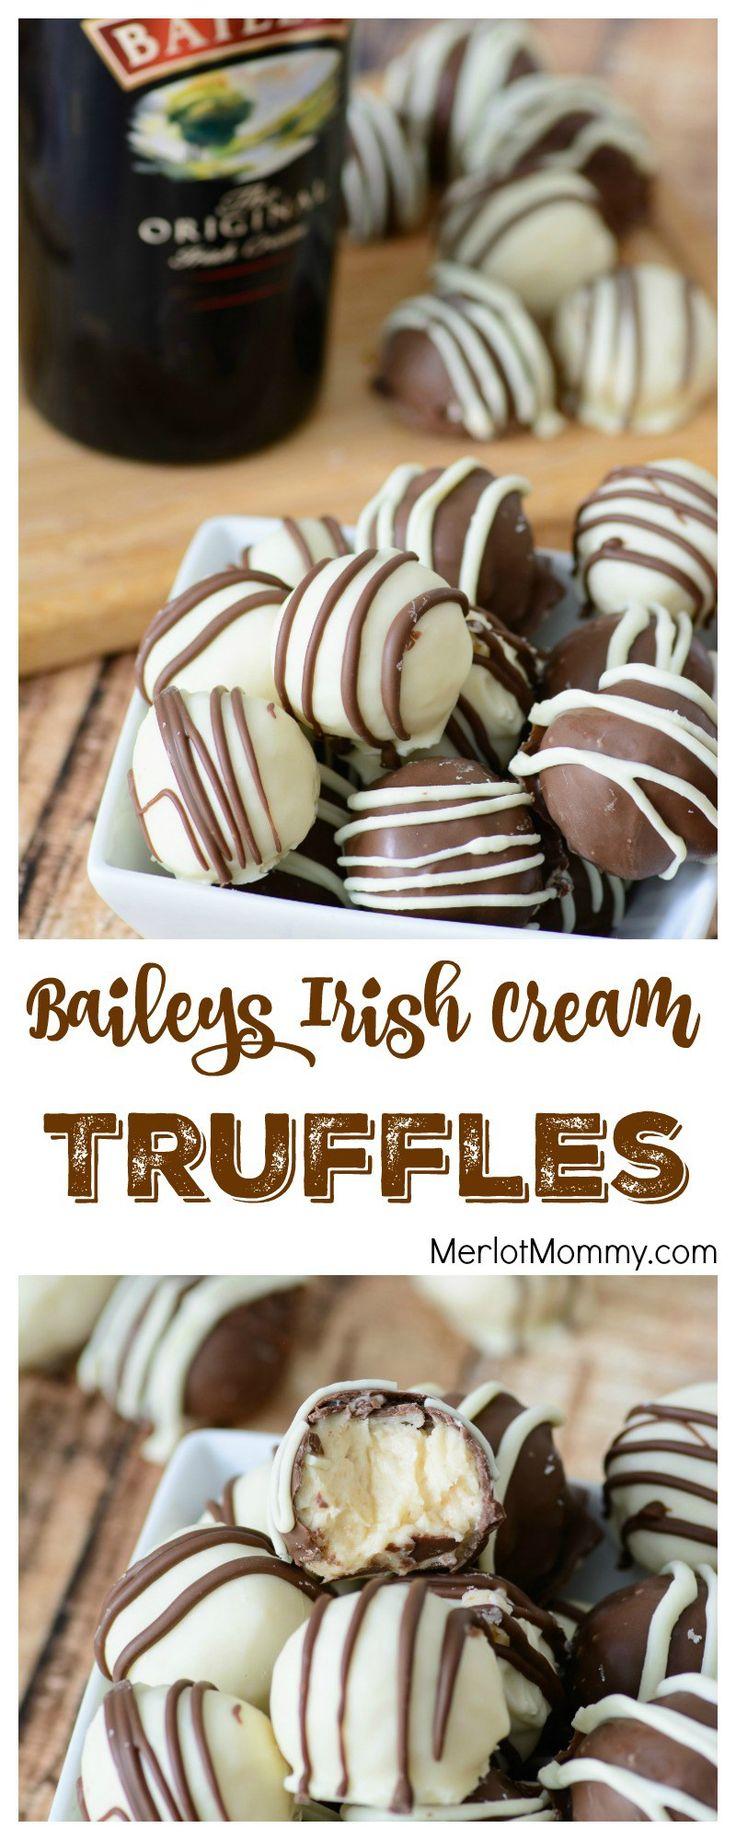 http://bestkitchenequipmentreviews.com/pressure-cooker/ Baileys Irish Cream Truffles